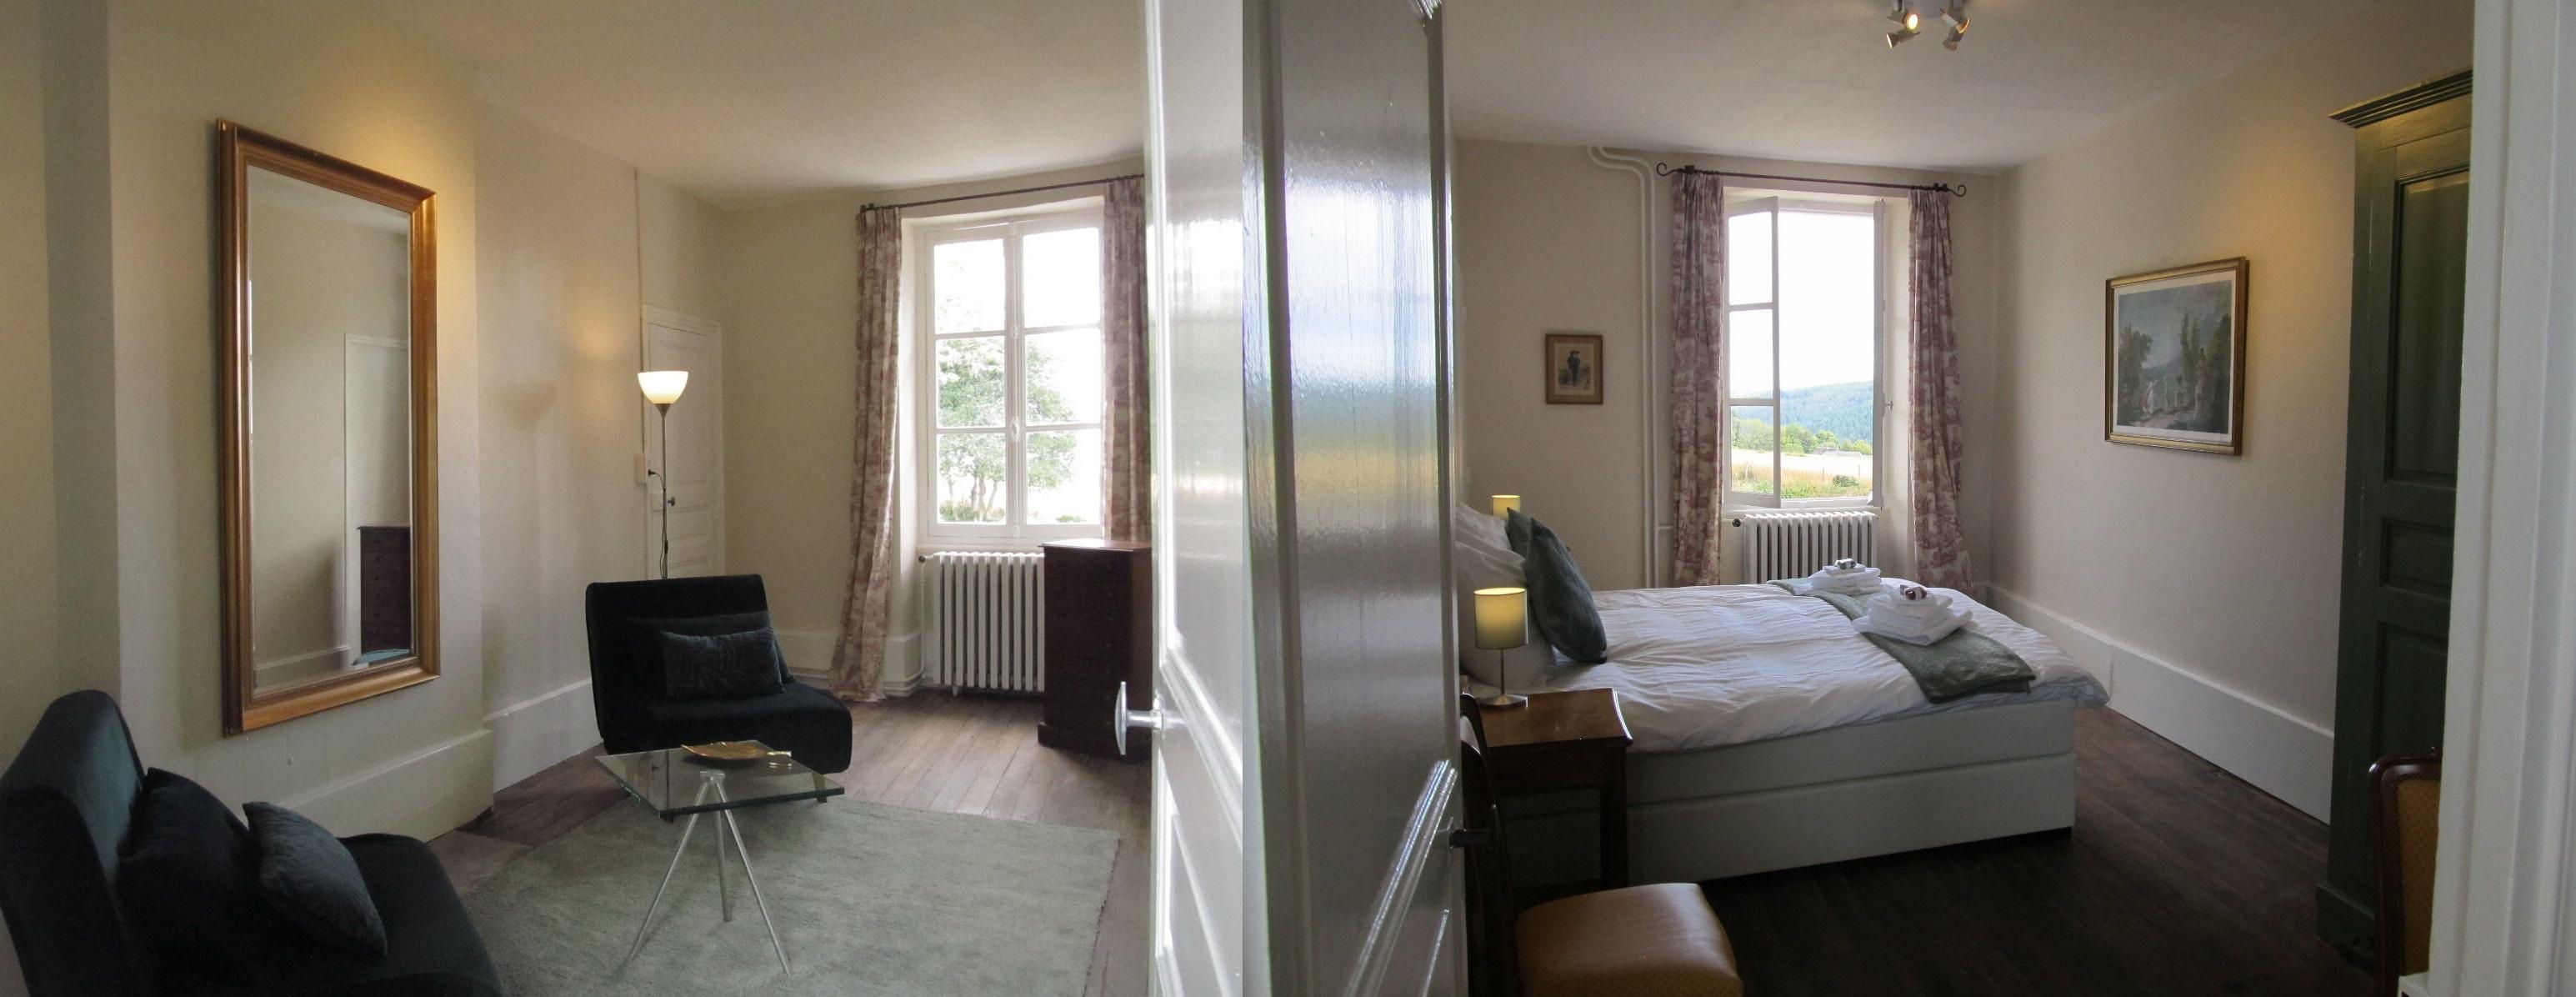 1 Suite 1 chambres 1a et 1b